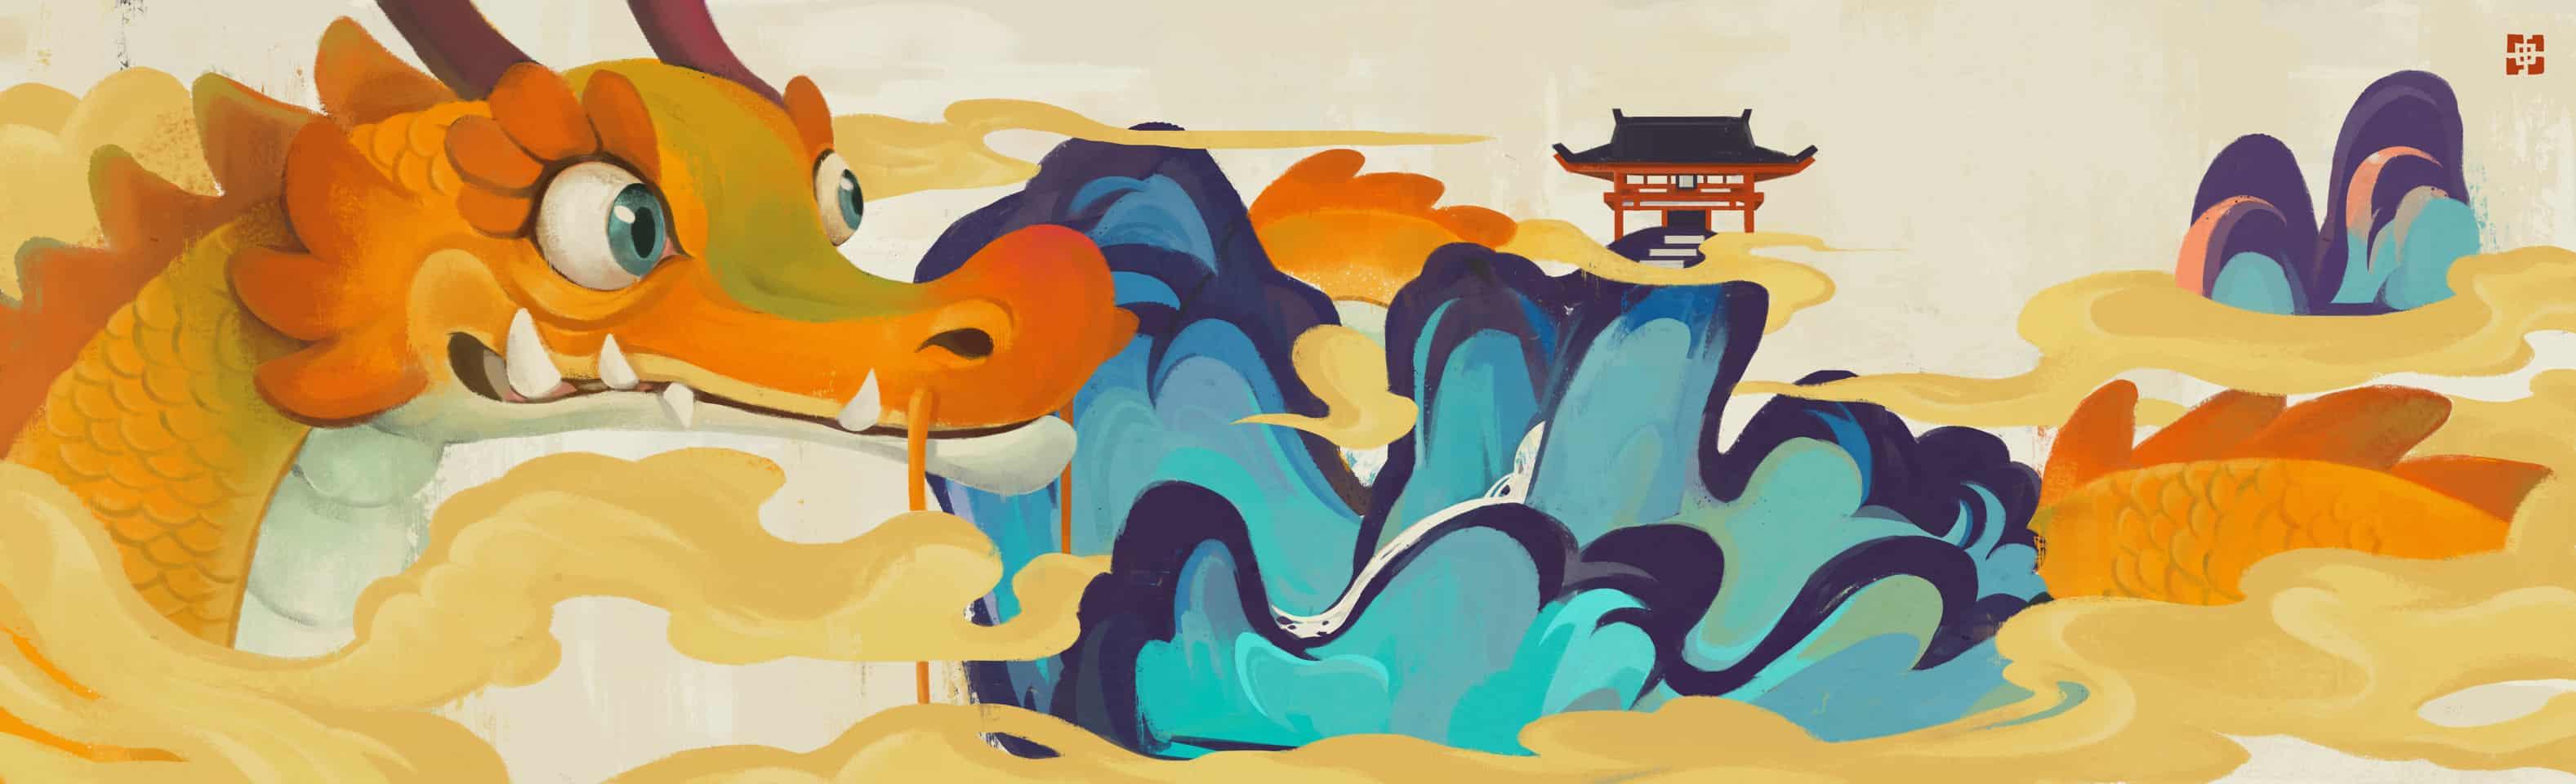 《观山》 Illust of 哎哟哥哥 kyoto-illust2019